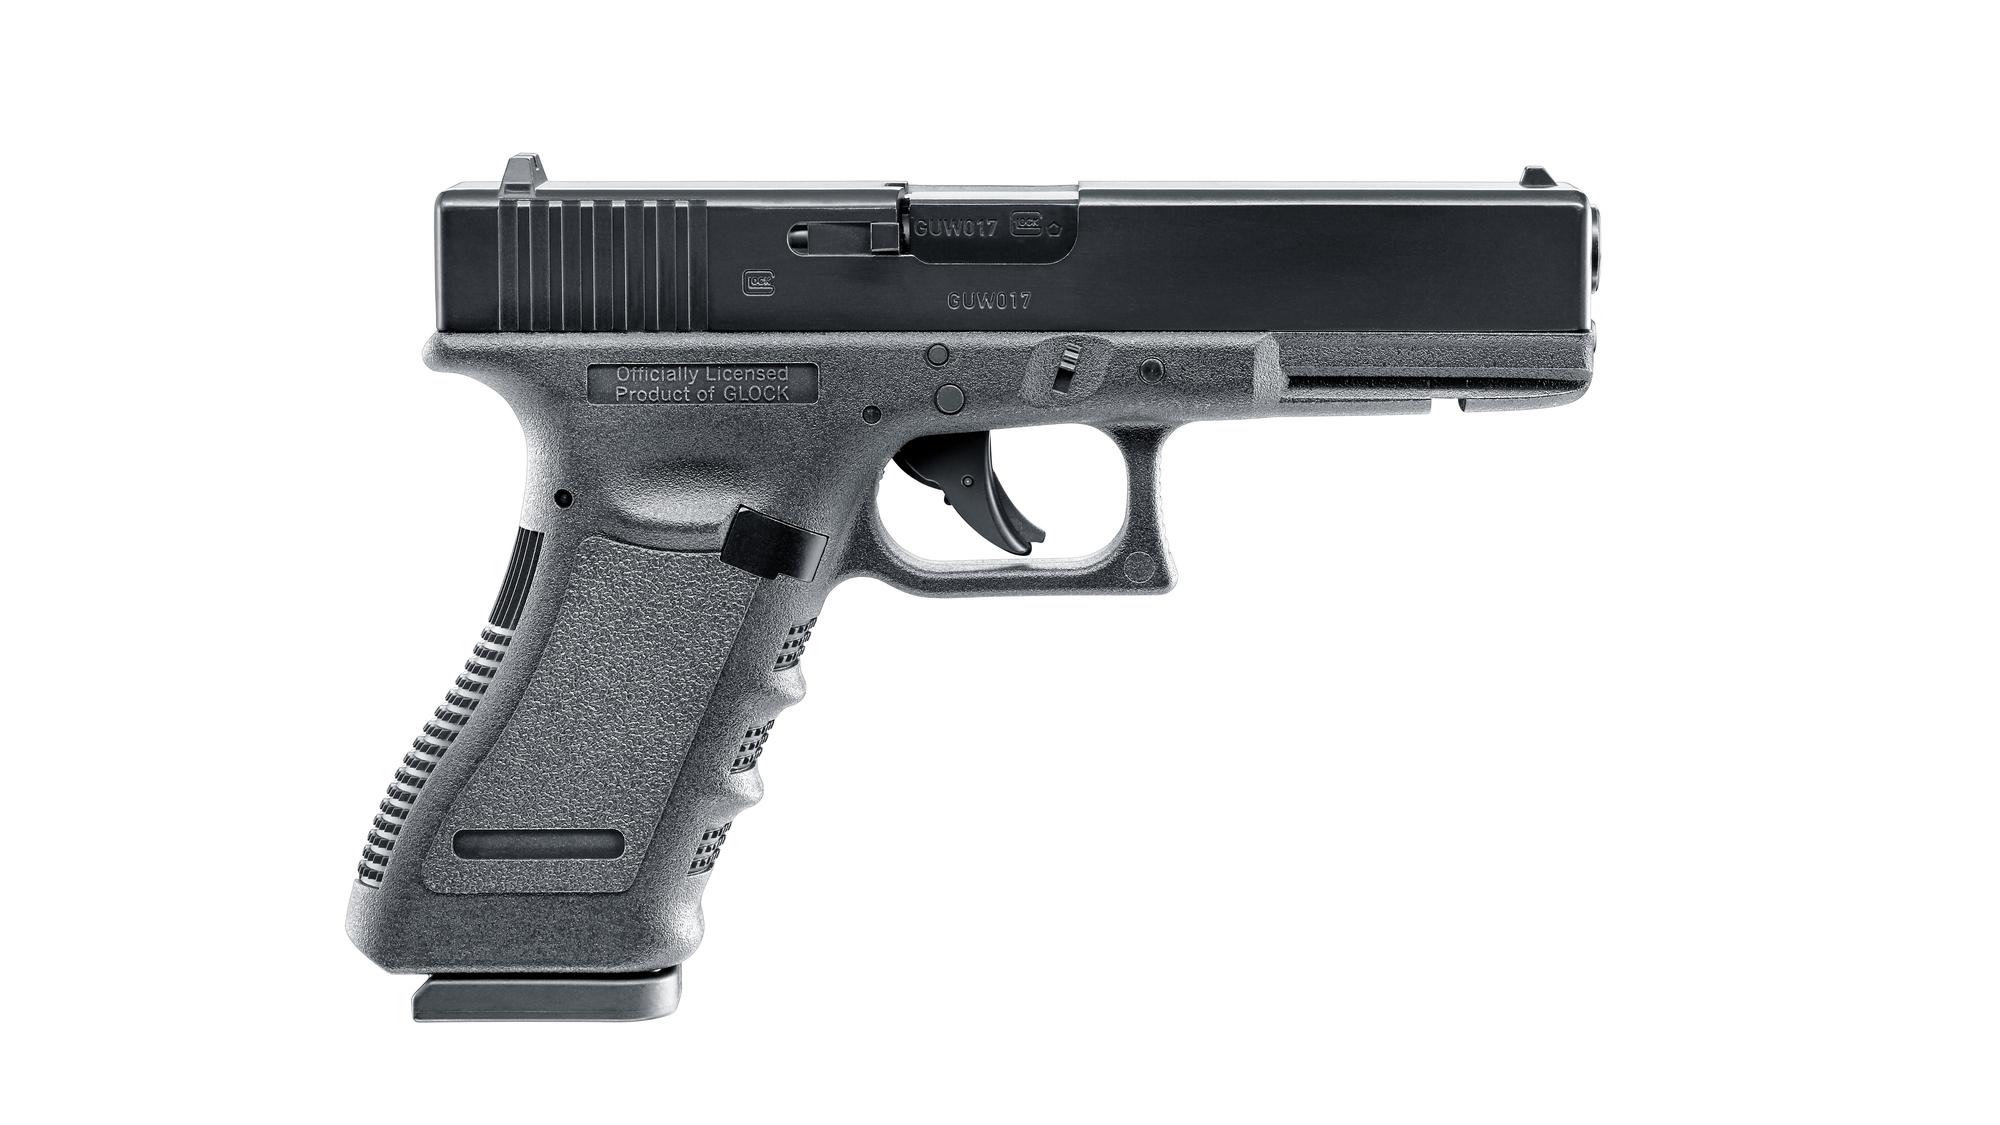 Glock 17 Pistol CO2 Pellet / BB Air Pistol | The Hunting ...